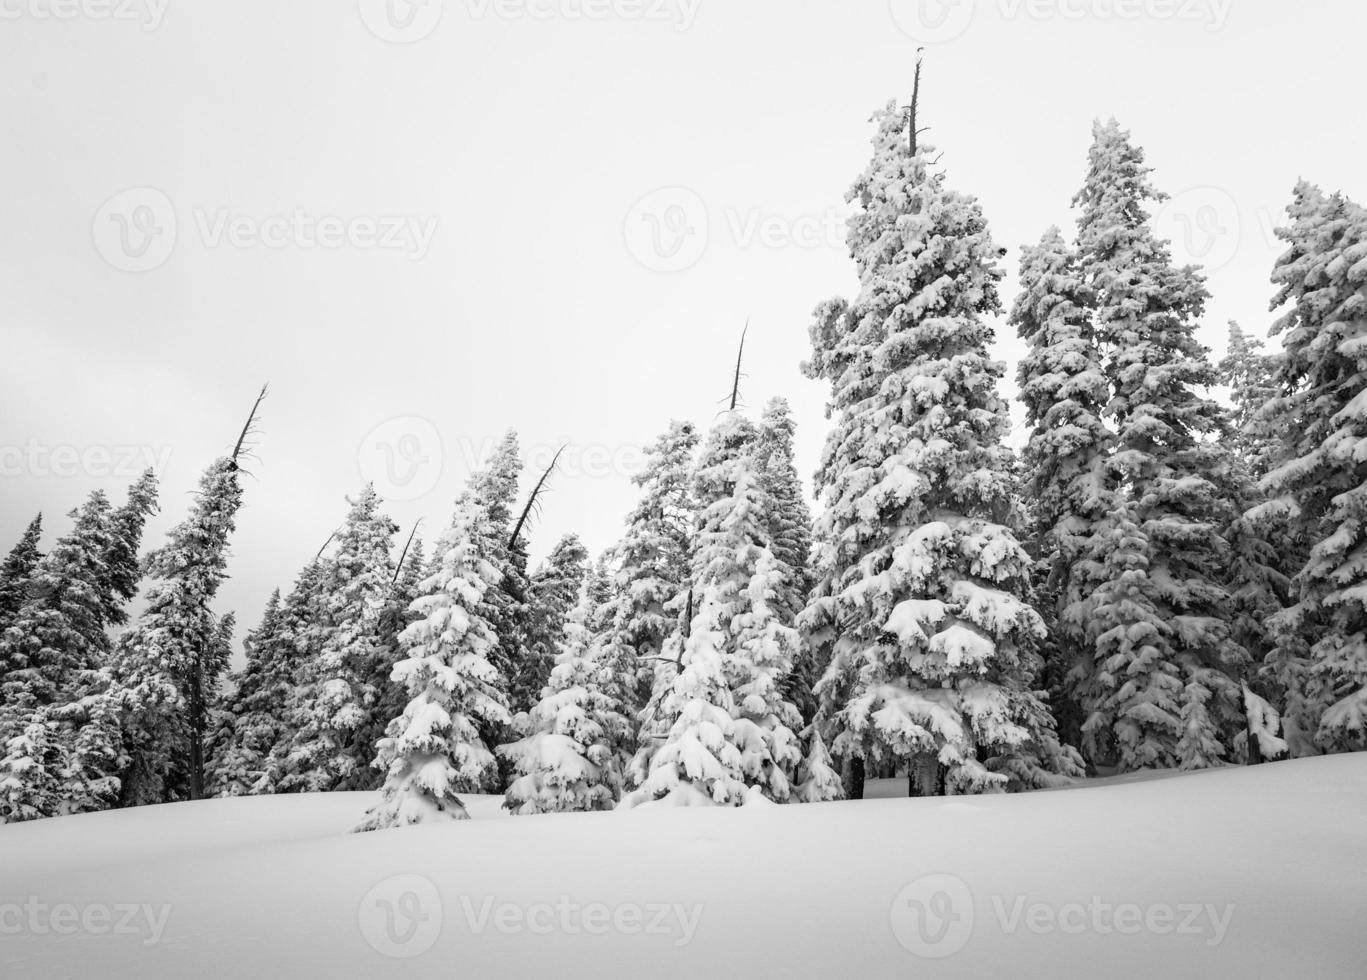 foresta di conifere invernale coperta di neve fotografia b & w foto